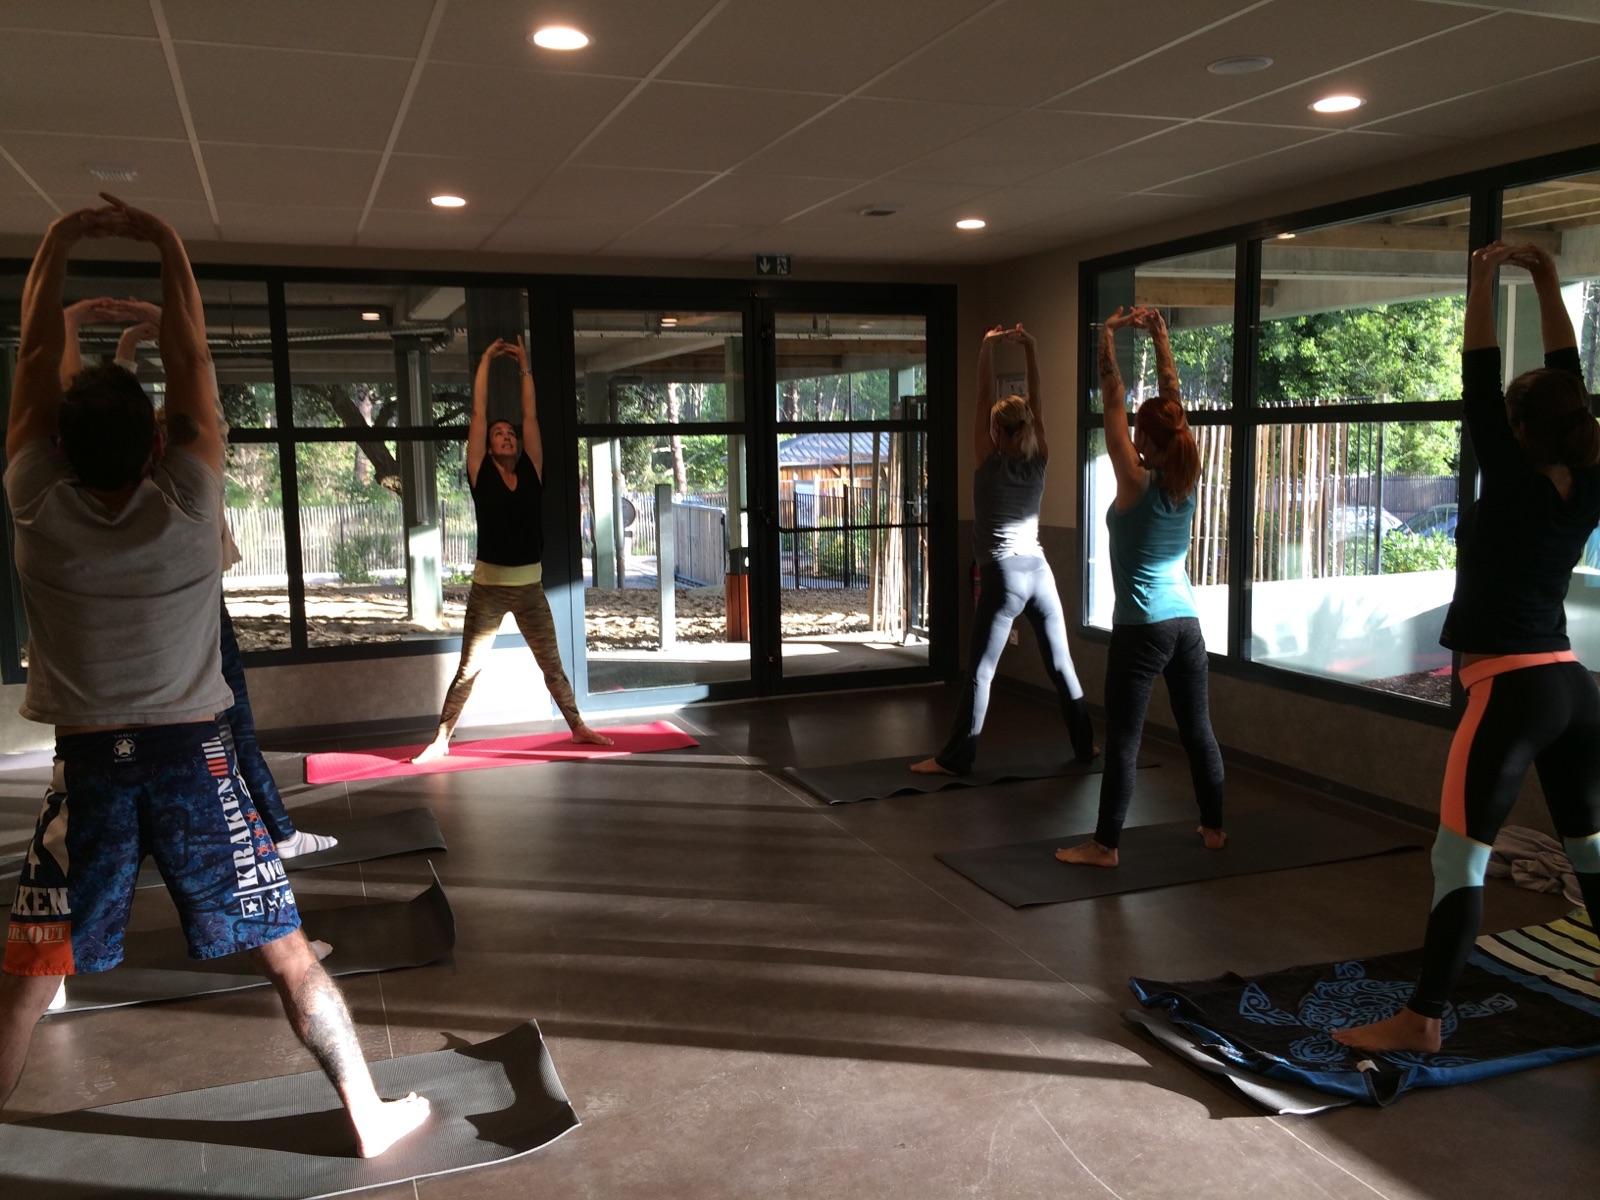 Séance de yoga au Domaine du Ferret, Claouey